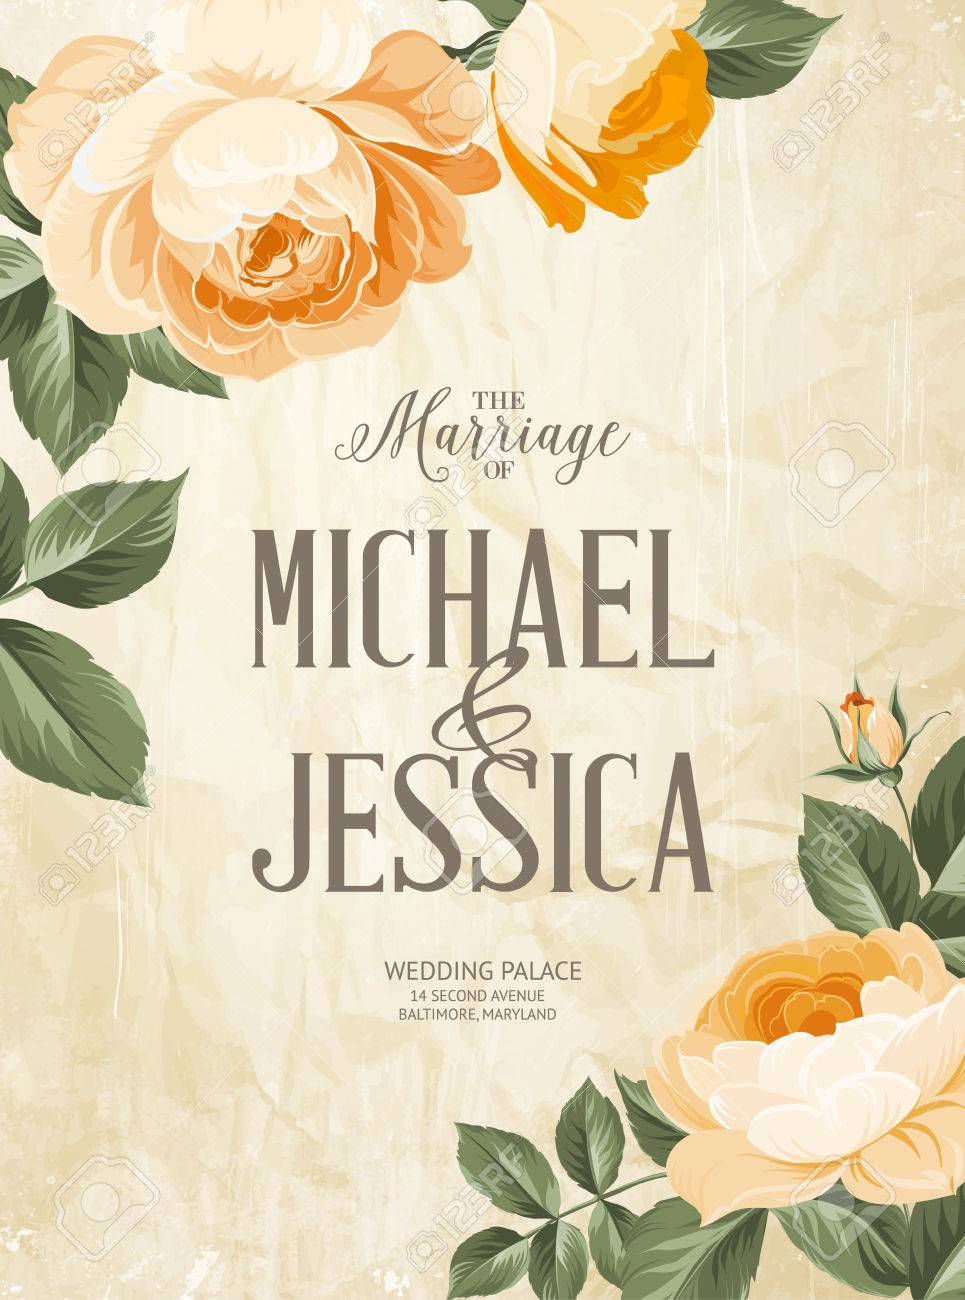 Heirat Einladungskarte Mit Benutzerdefinierten Zeichen Und Bluhenden